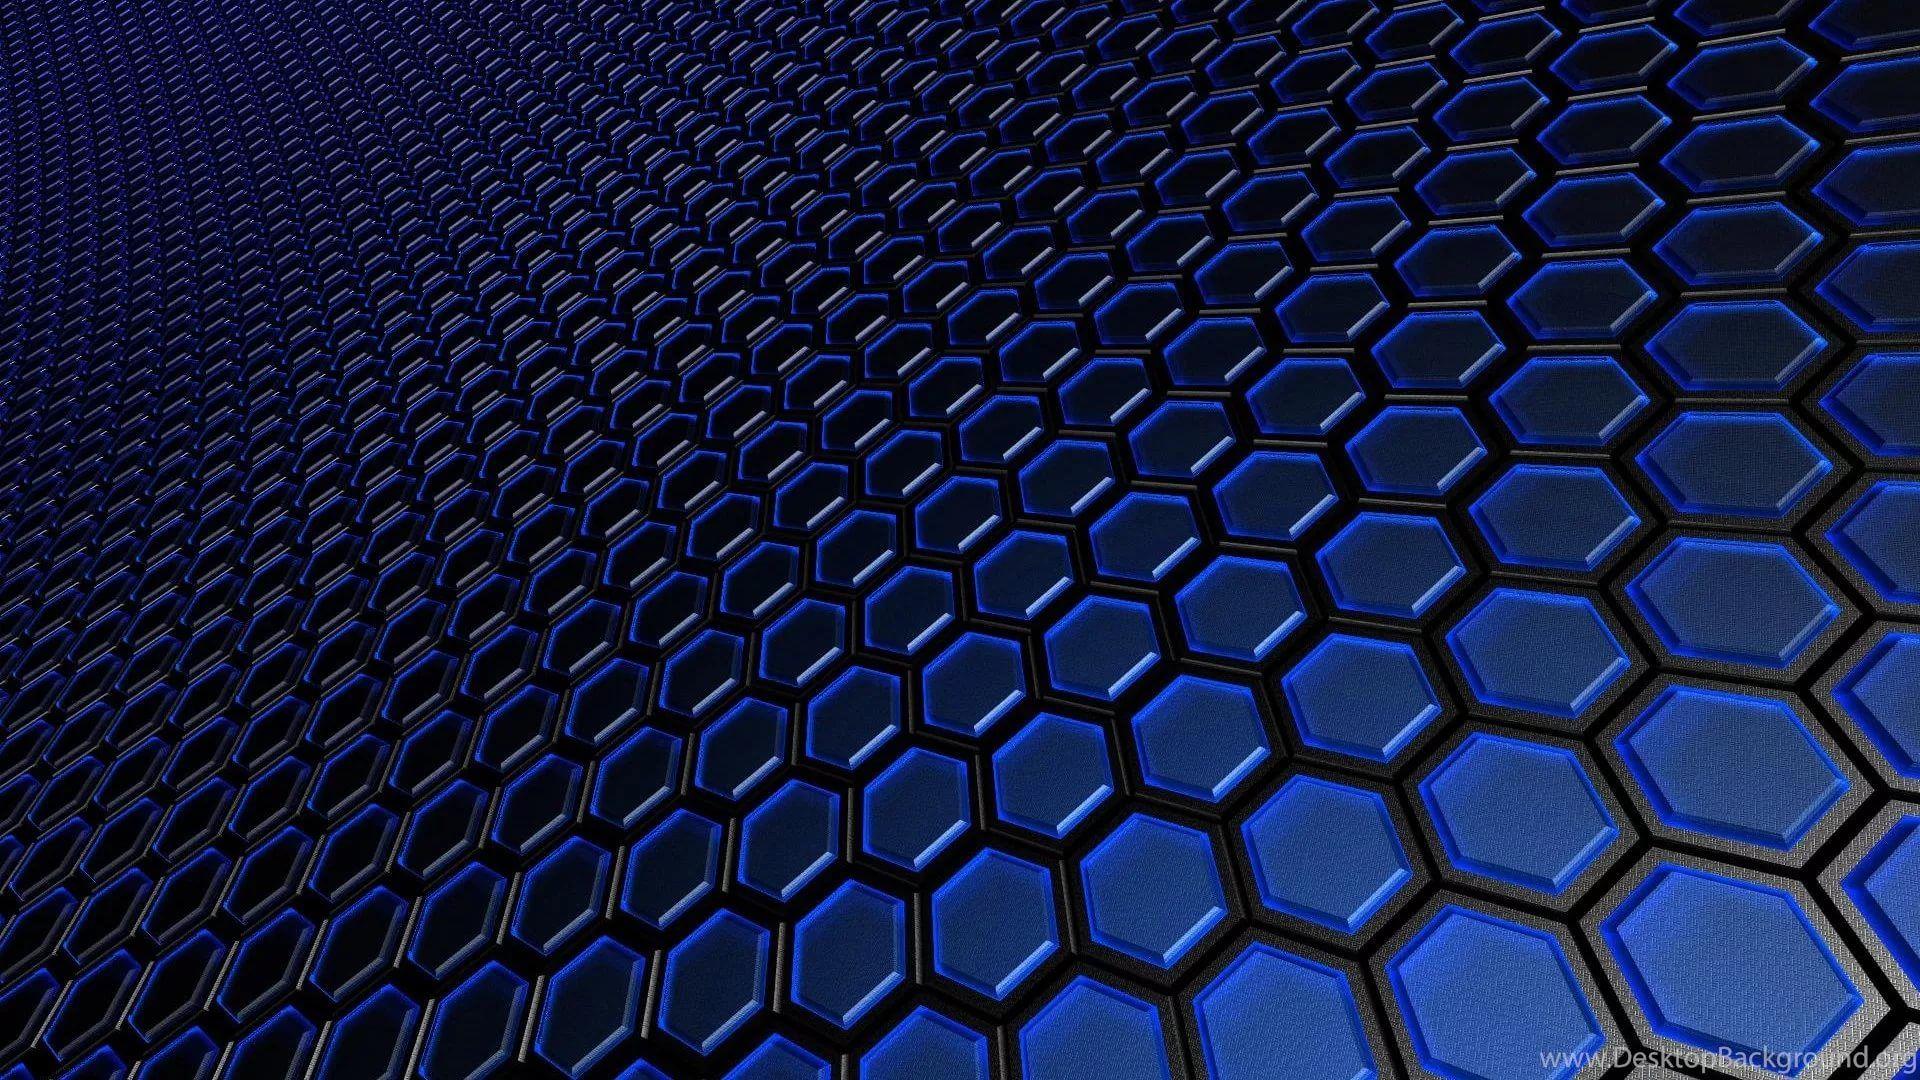 Black And Blue full wallpaper